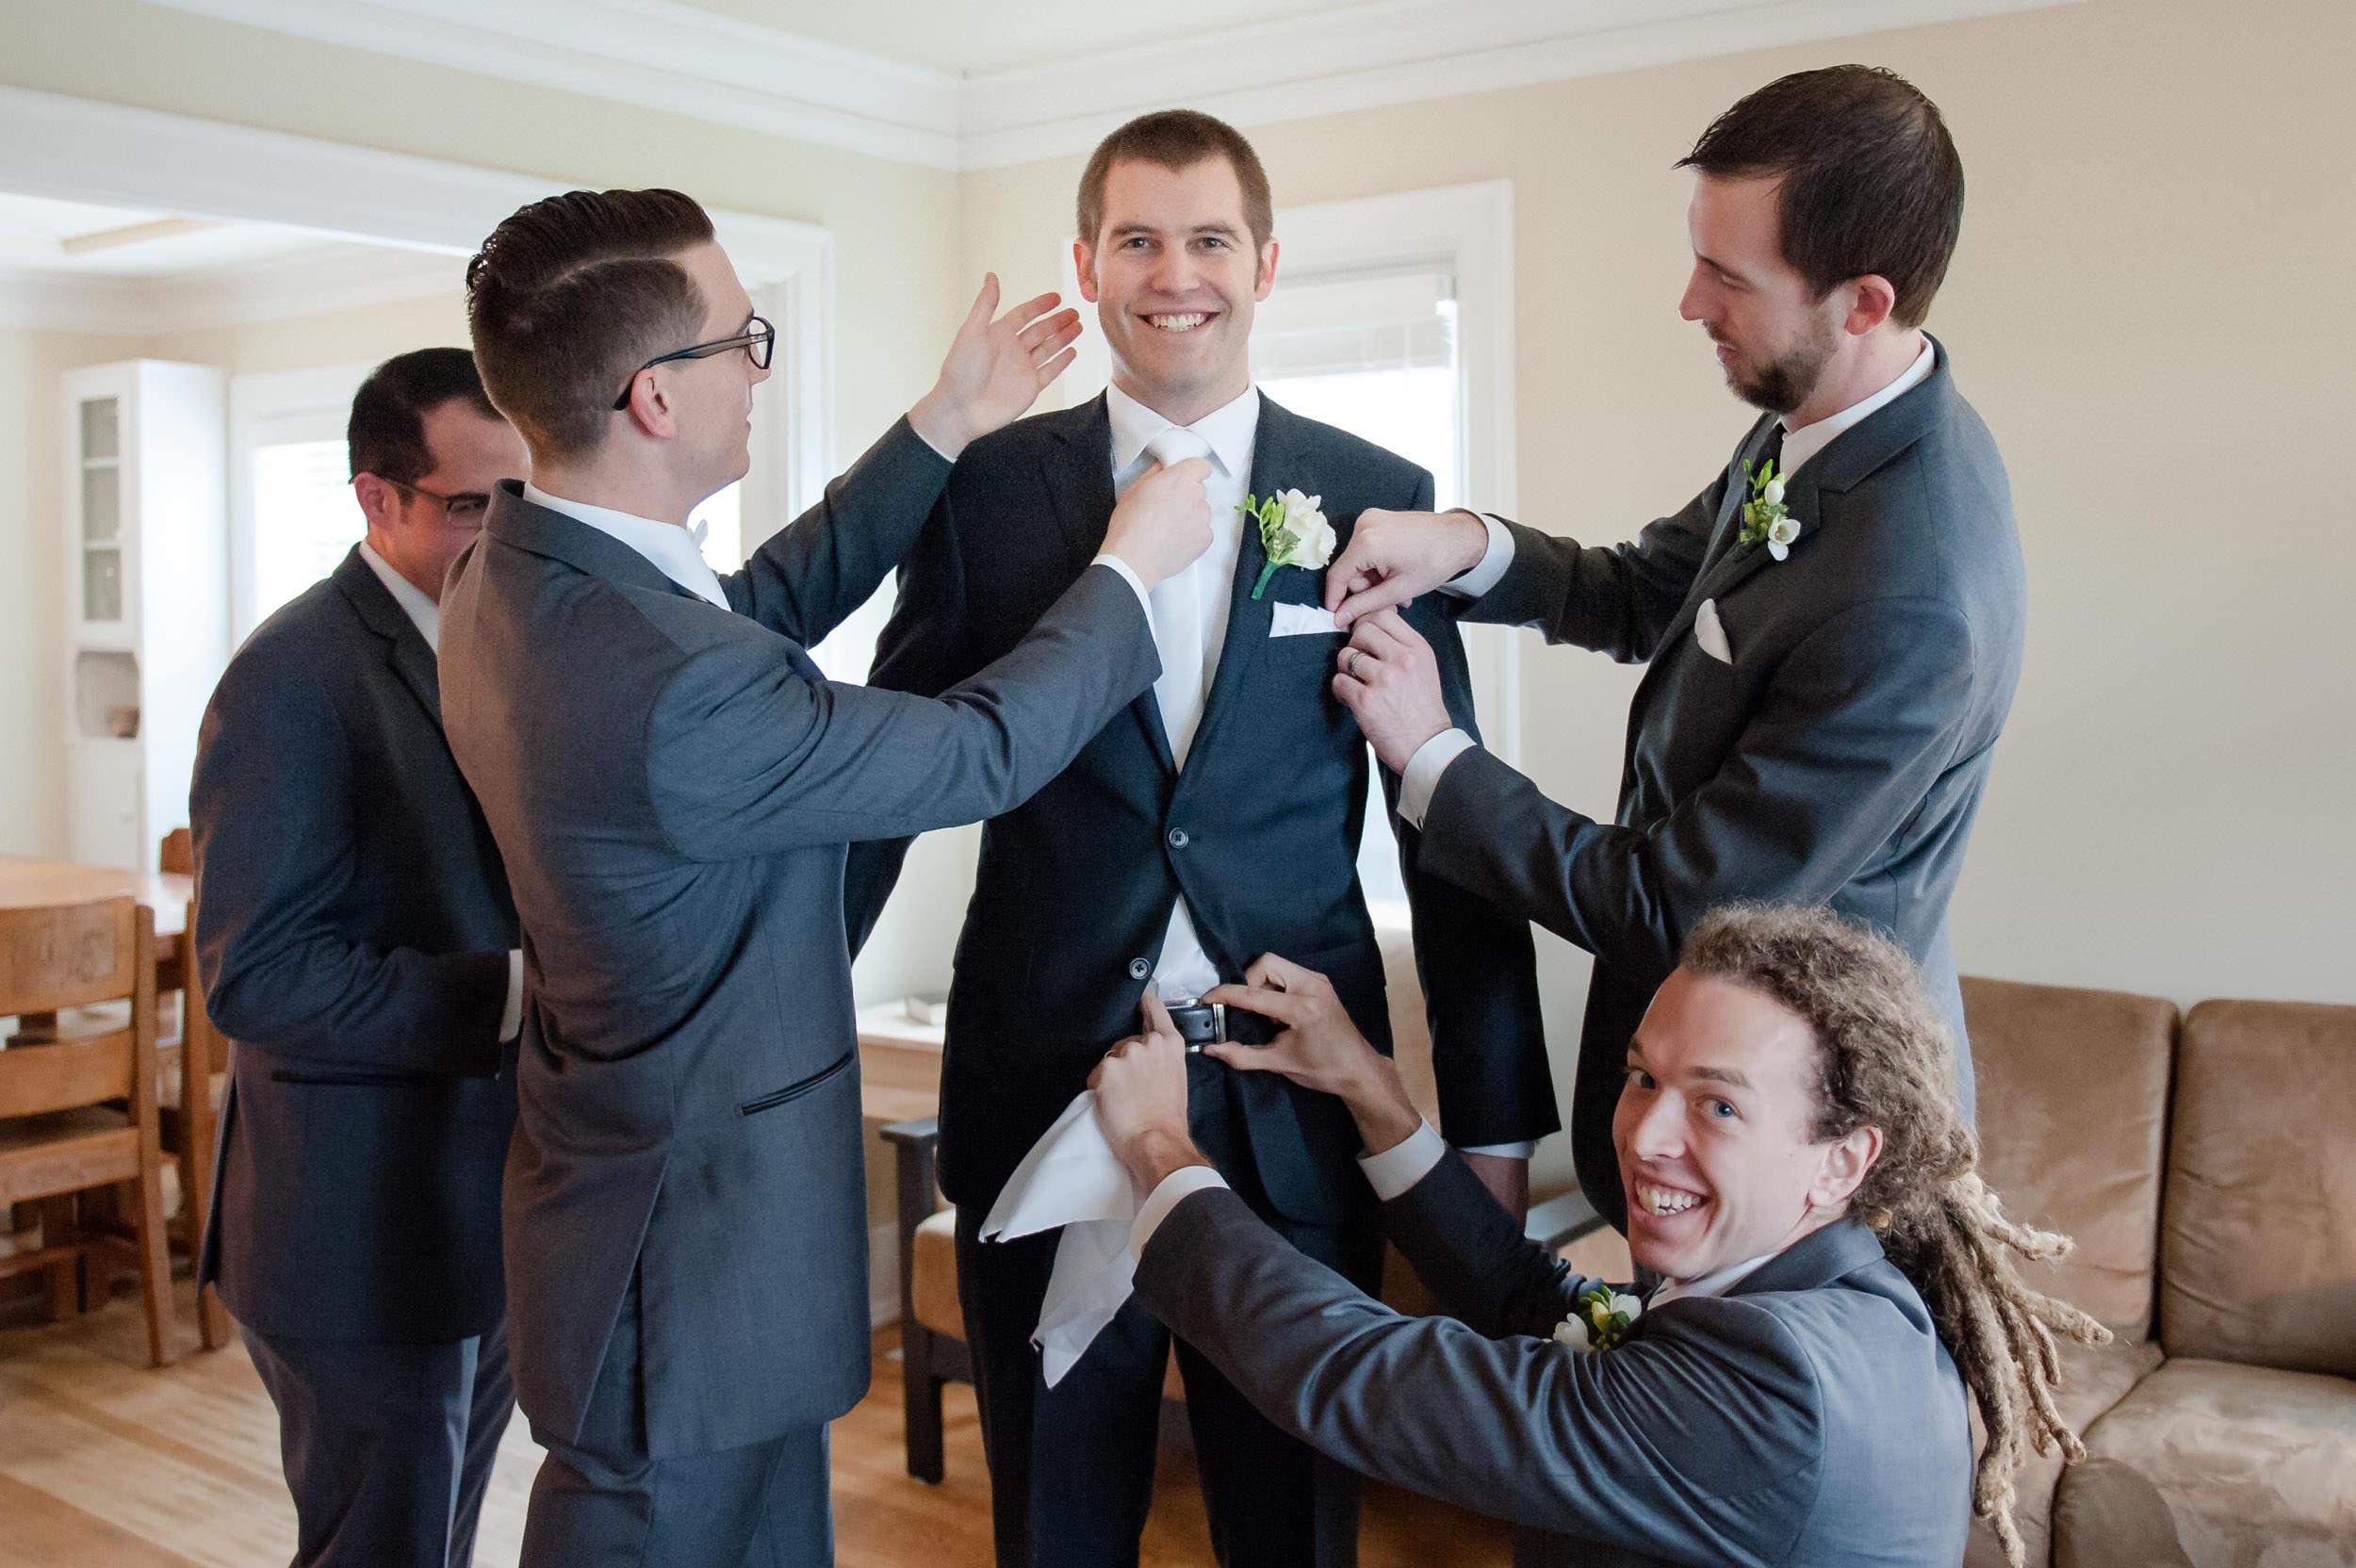 groomsmen-helping-groom.jpg